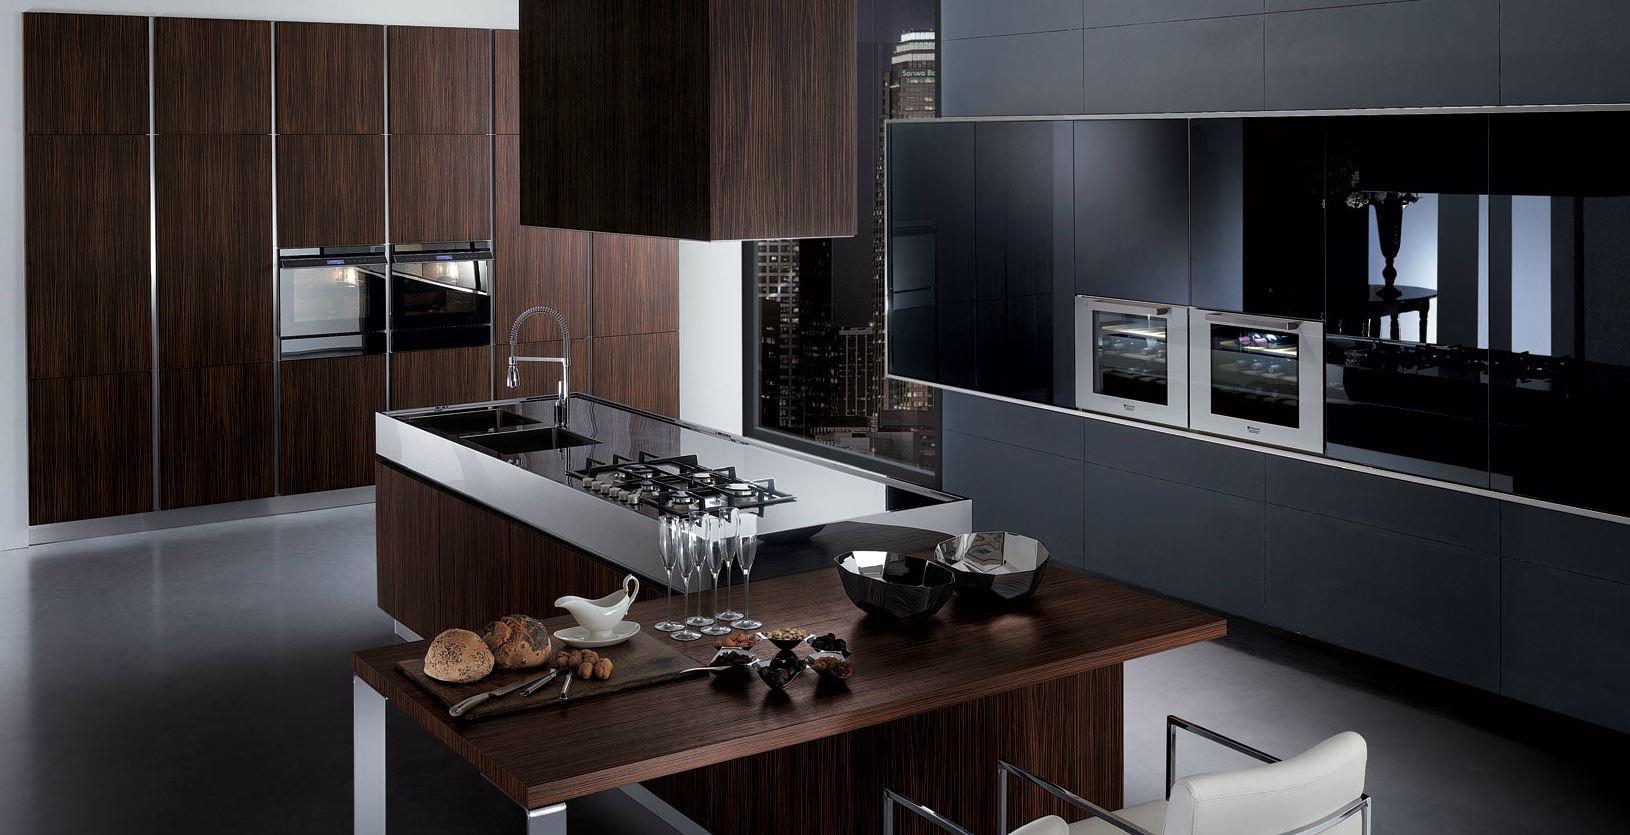 Cucine Moderne Scure ~ Idee Creative su Design Per La Casa e Interni